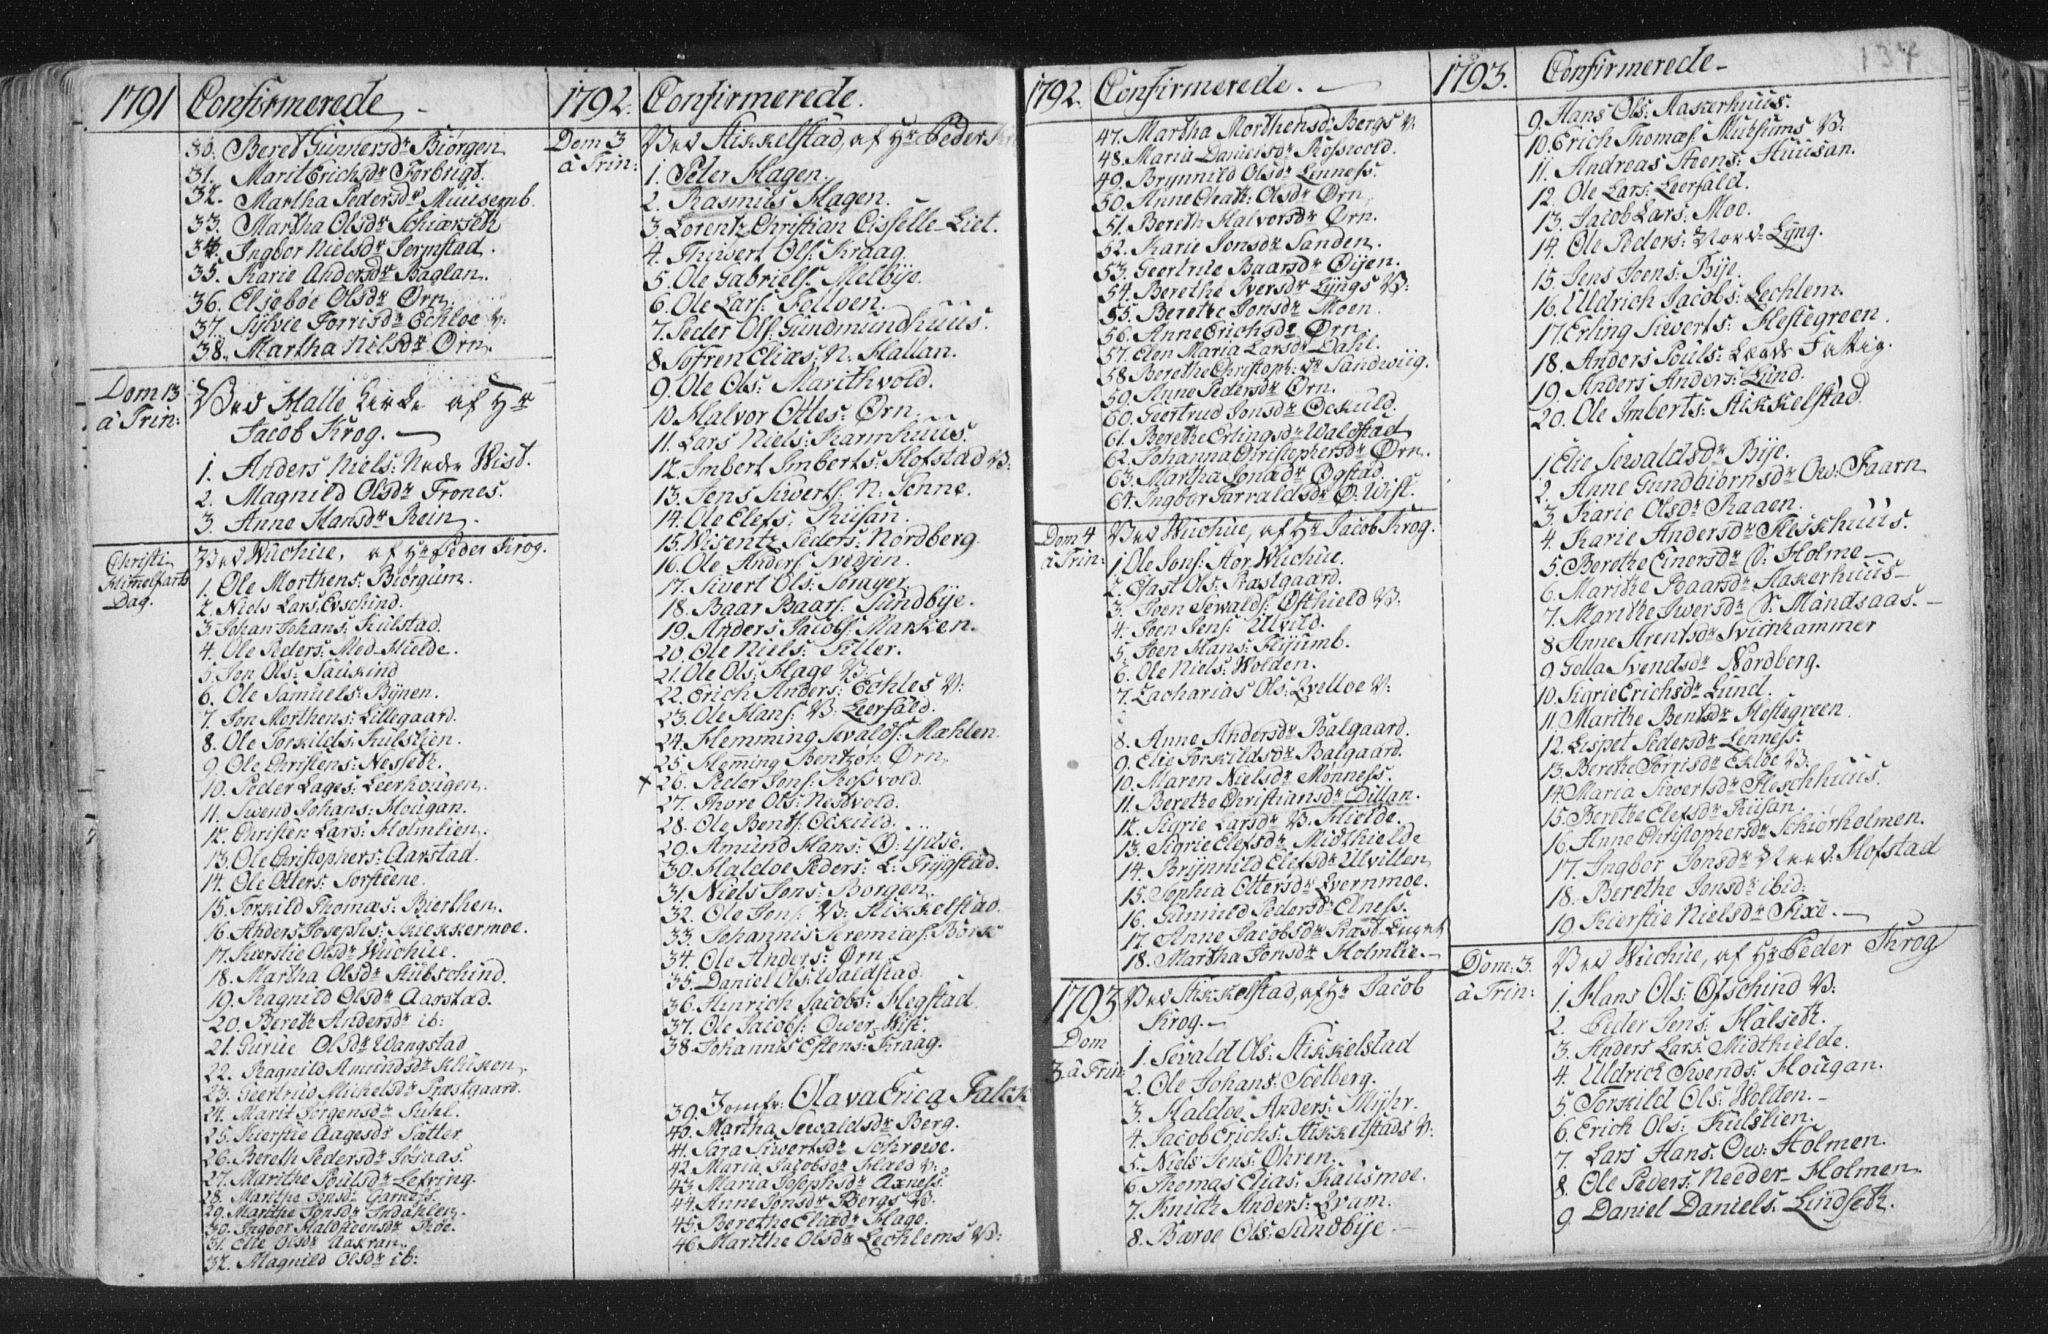 SAT, Ministerialprotokoller, klokkerbøker og fødselsregistre - Nord-Trøndelag, 723/L0232: Ministerialbok nr. 723A03, 1781-1804, s. 134